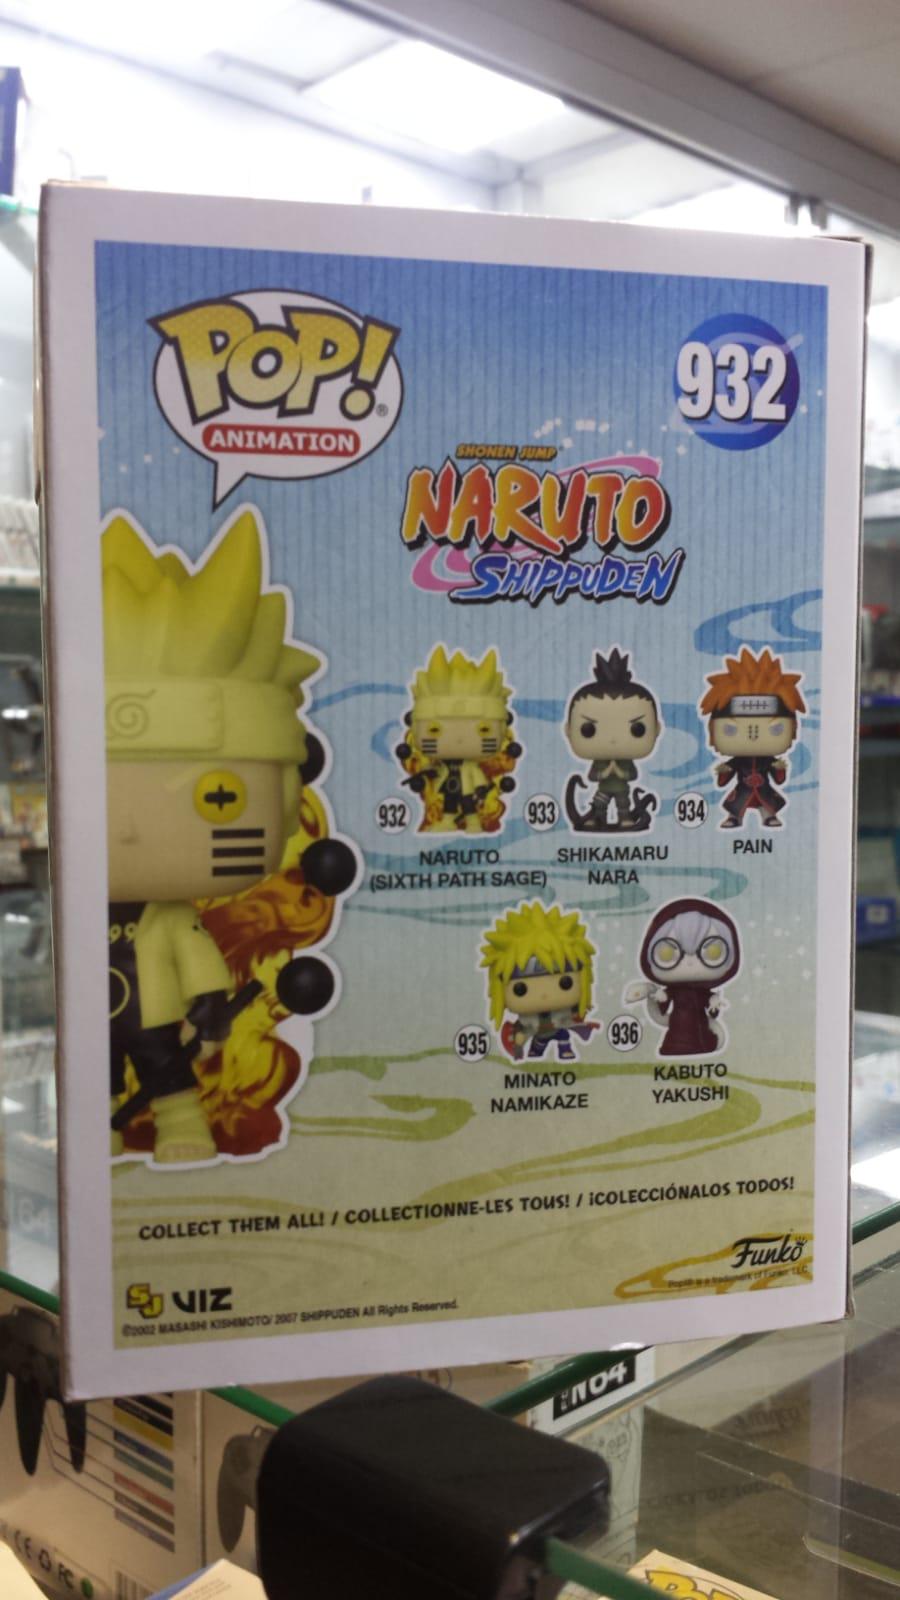 Funko Pop Naruto Shippuden Naruto Sixth Path Sage